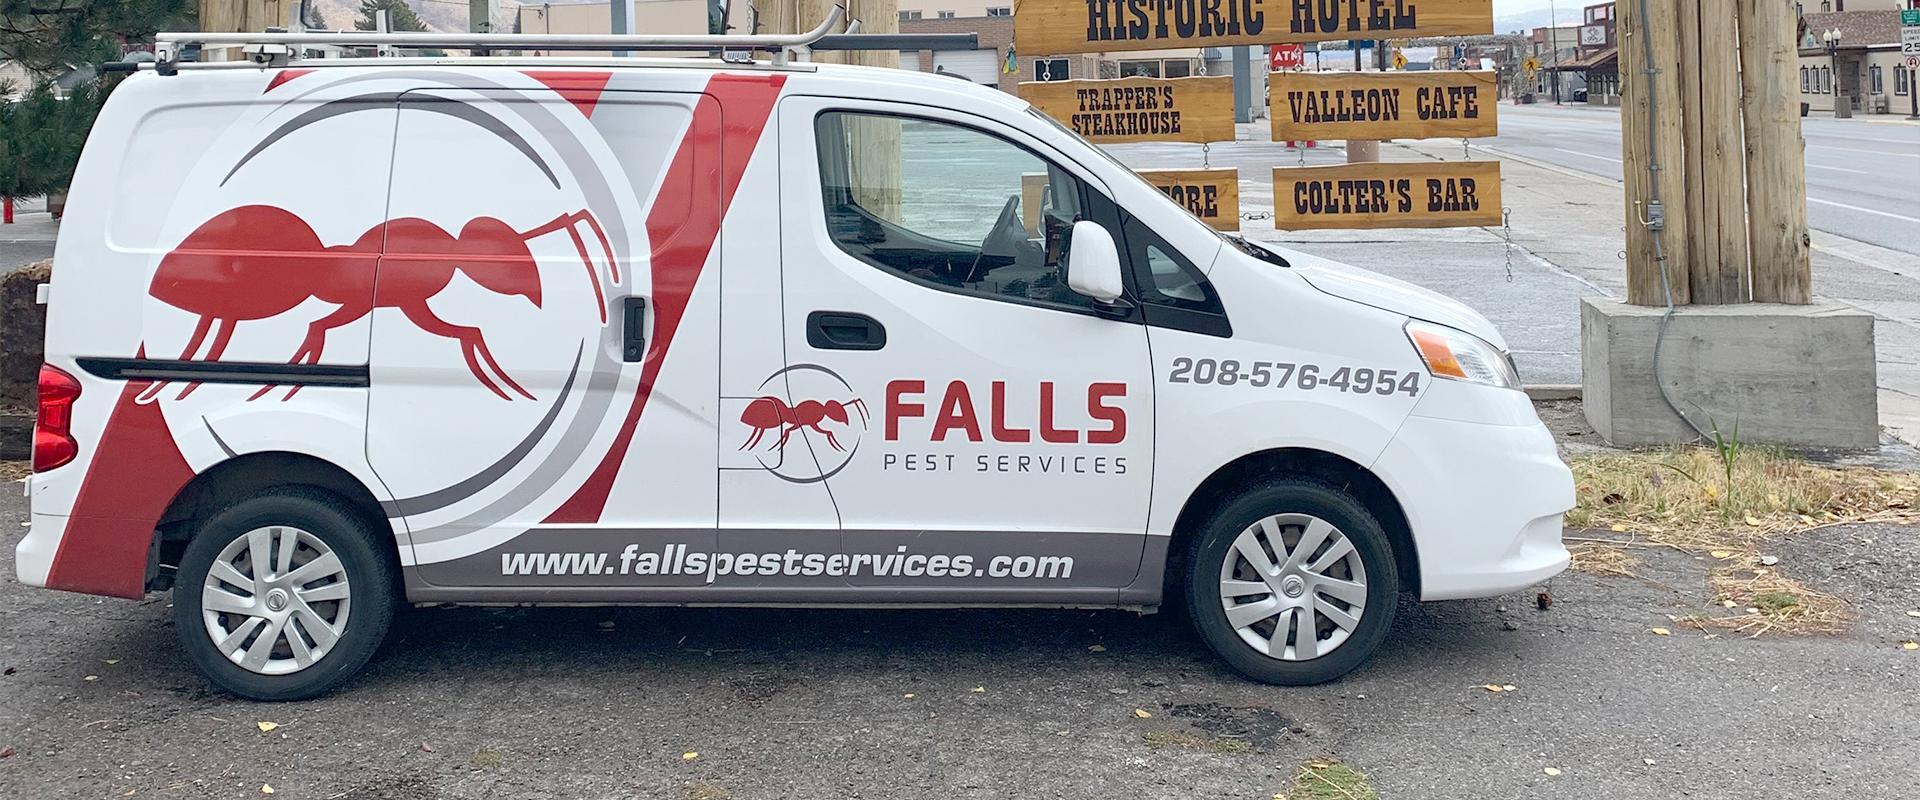 company vehicle in idaho falls